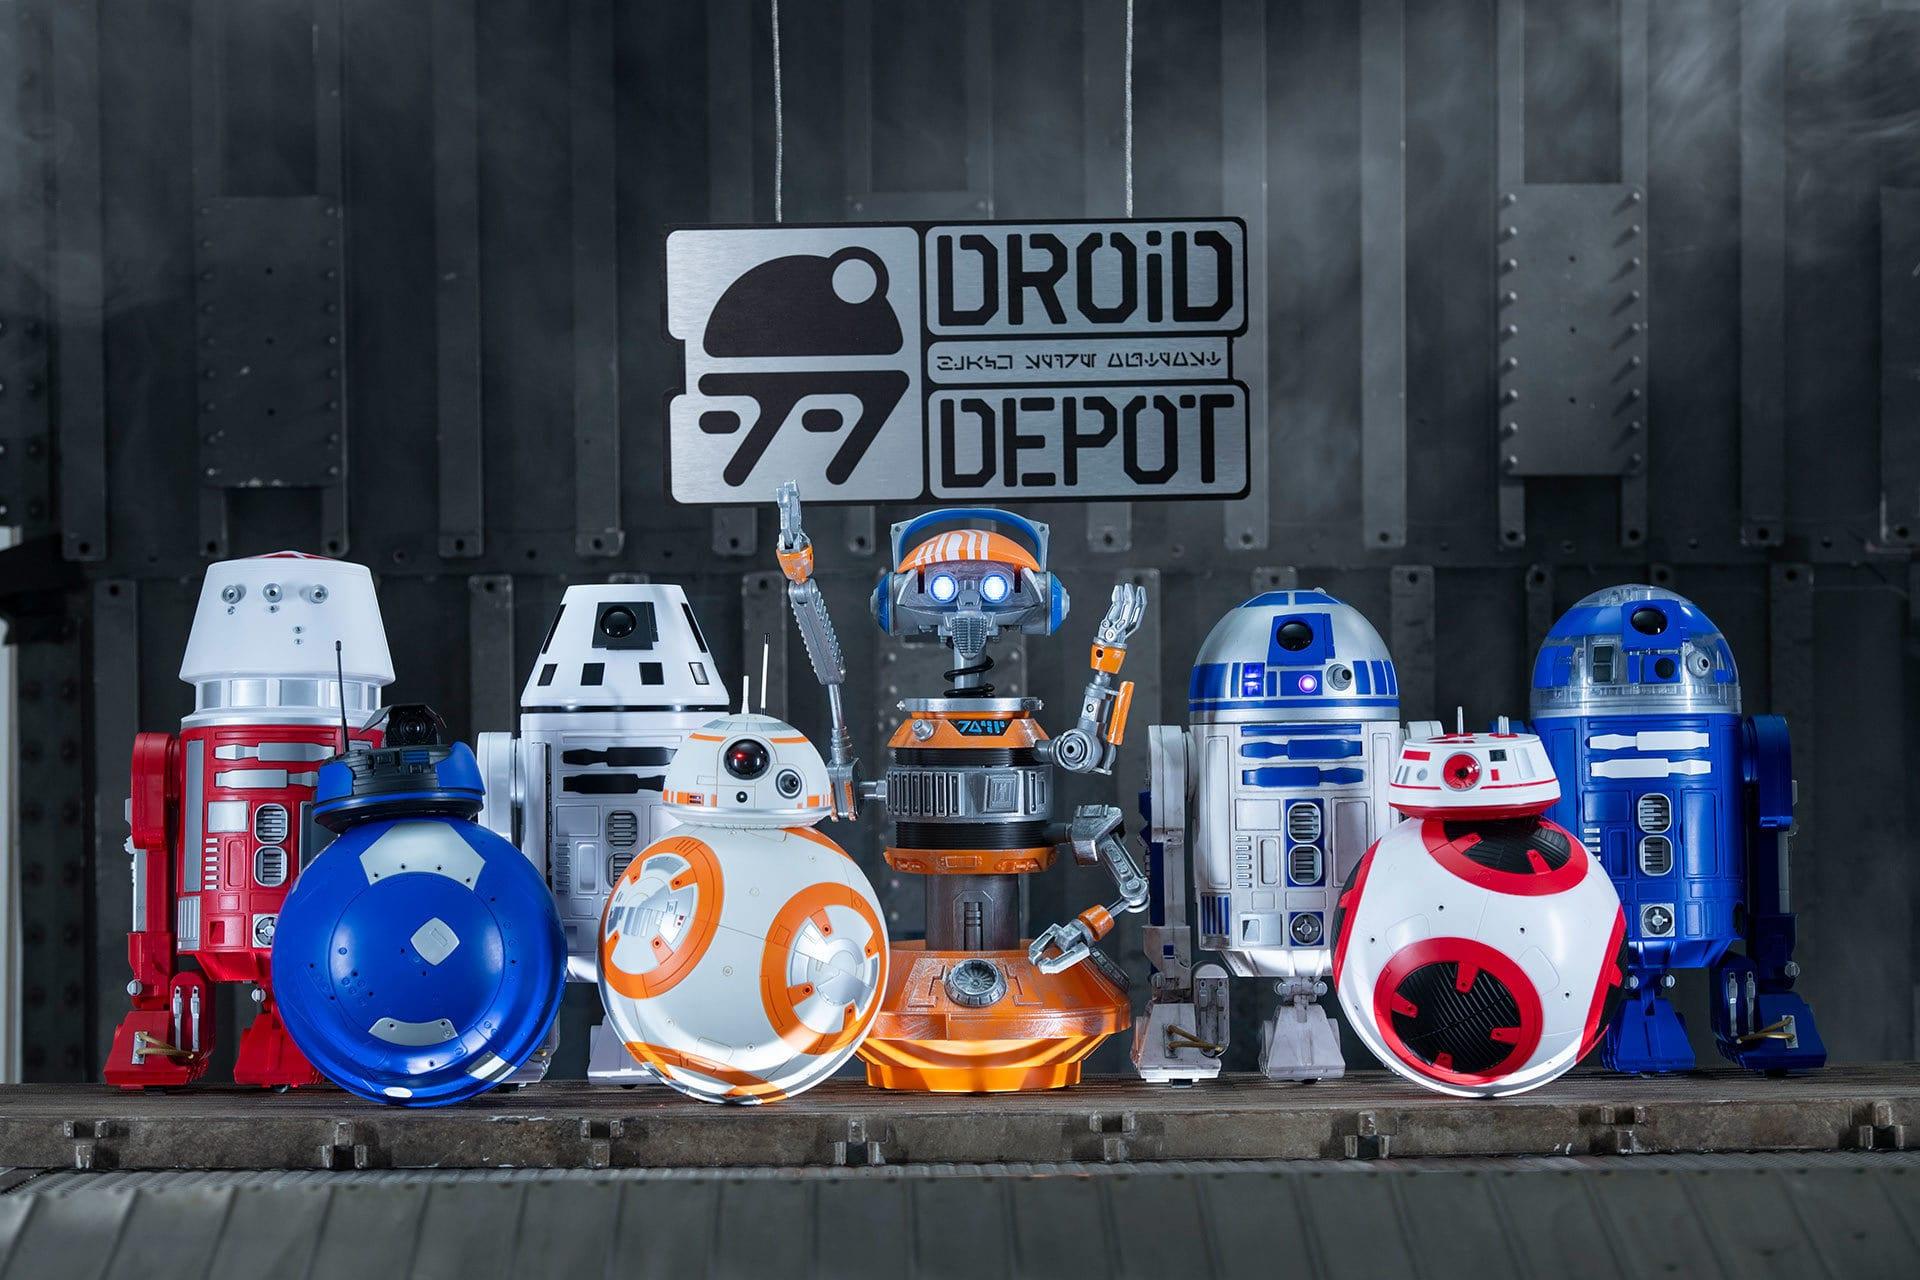 Droid Depot (серия игрушек)